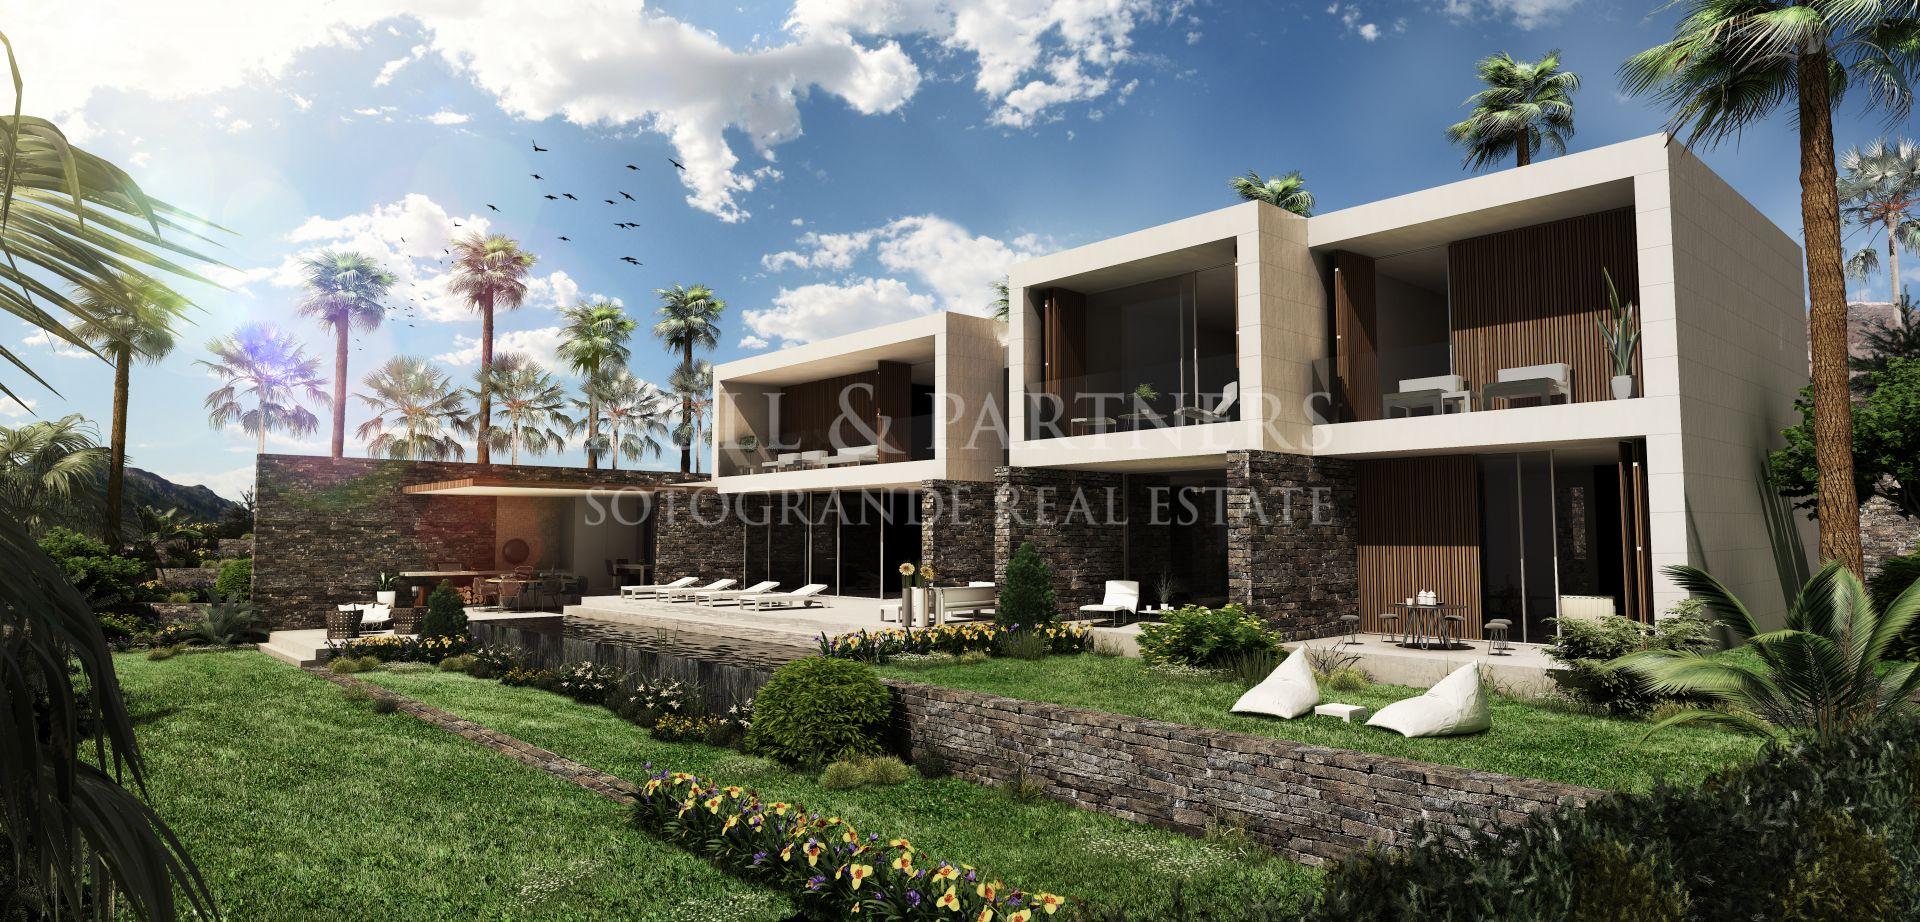 Villa lujosa sobre plan en La Reserva de Sotogrande